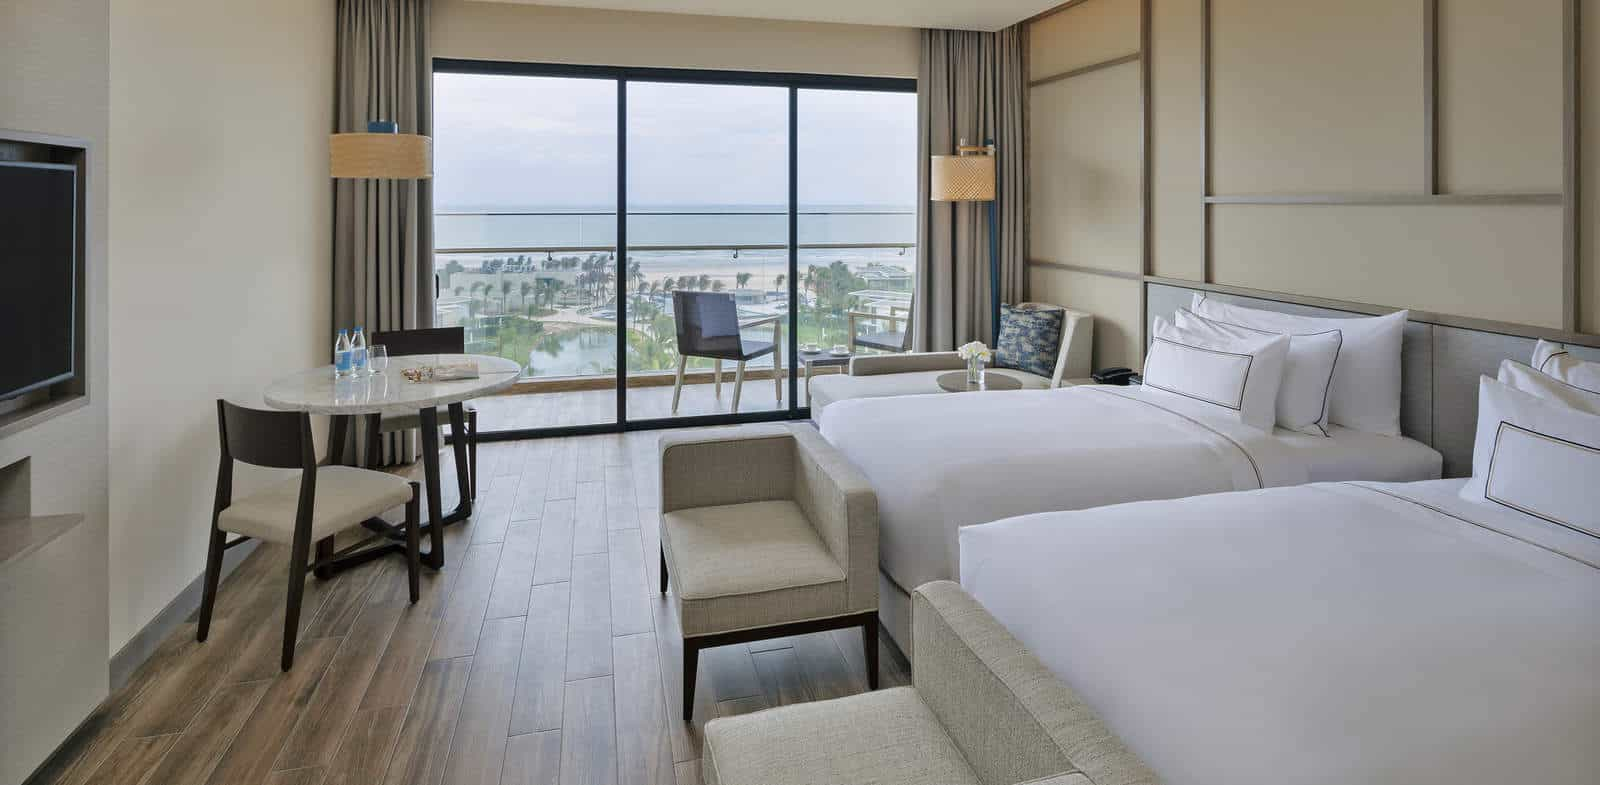 Suit gia đình nhìn ra đại dương với phòng ngủ rộng rãi, sang trọng